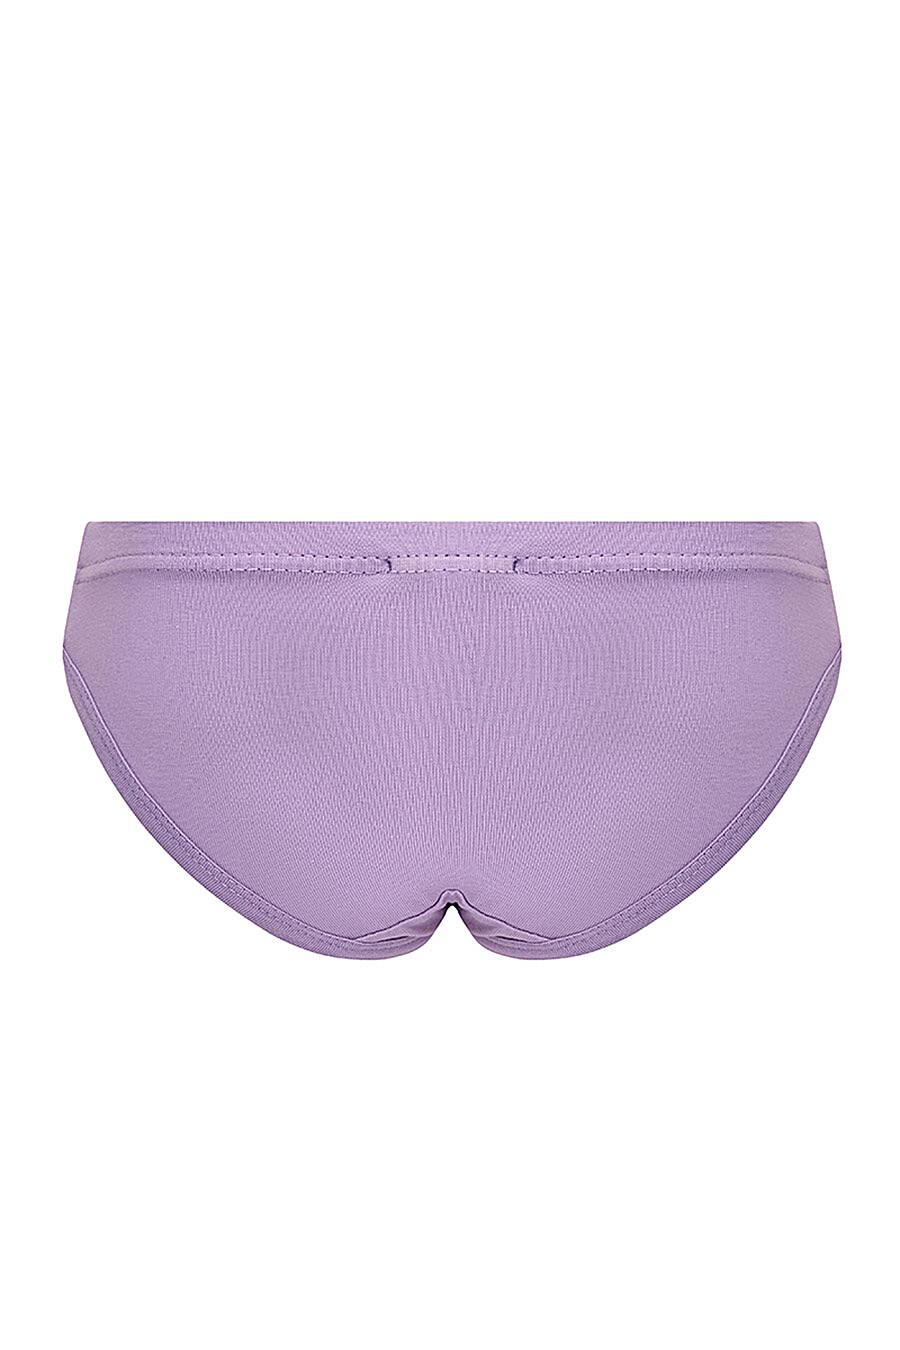 Трусы для девочек ROXY FOXY 707345 купить оптом от производителя. Совместная покупка детской одежды в OptMoyo